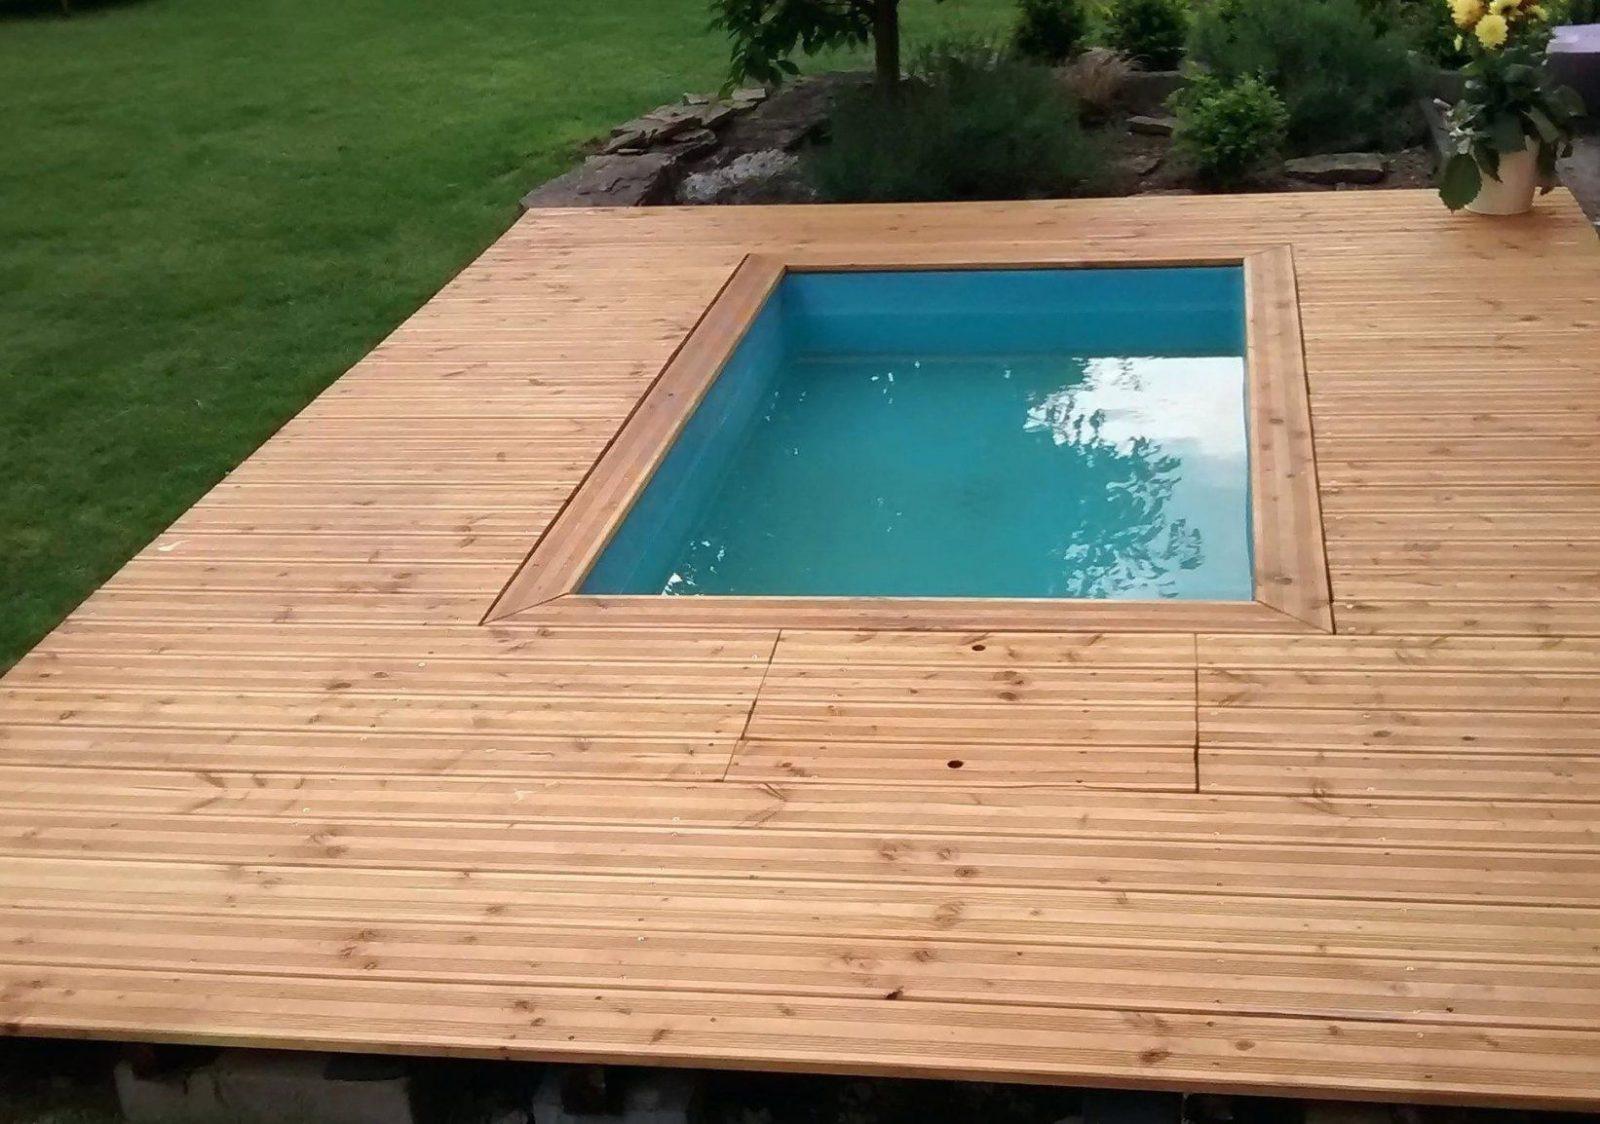 Swimmingpool Im Garten Holzterrasse Pool Selber Bauen Fur Kosten von Kleiner Pool Im Garten Selber Bauen Photo